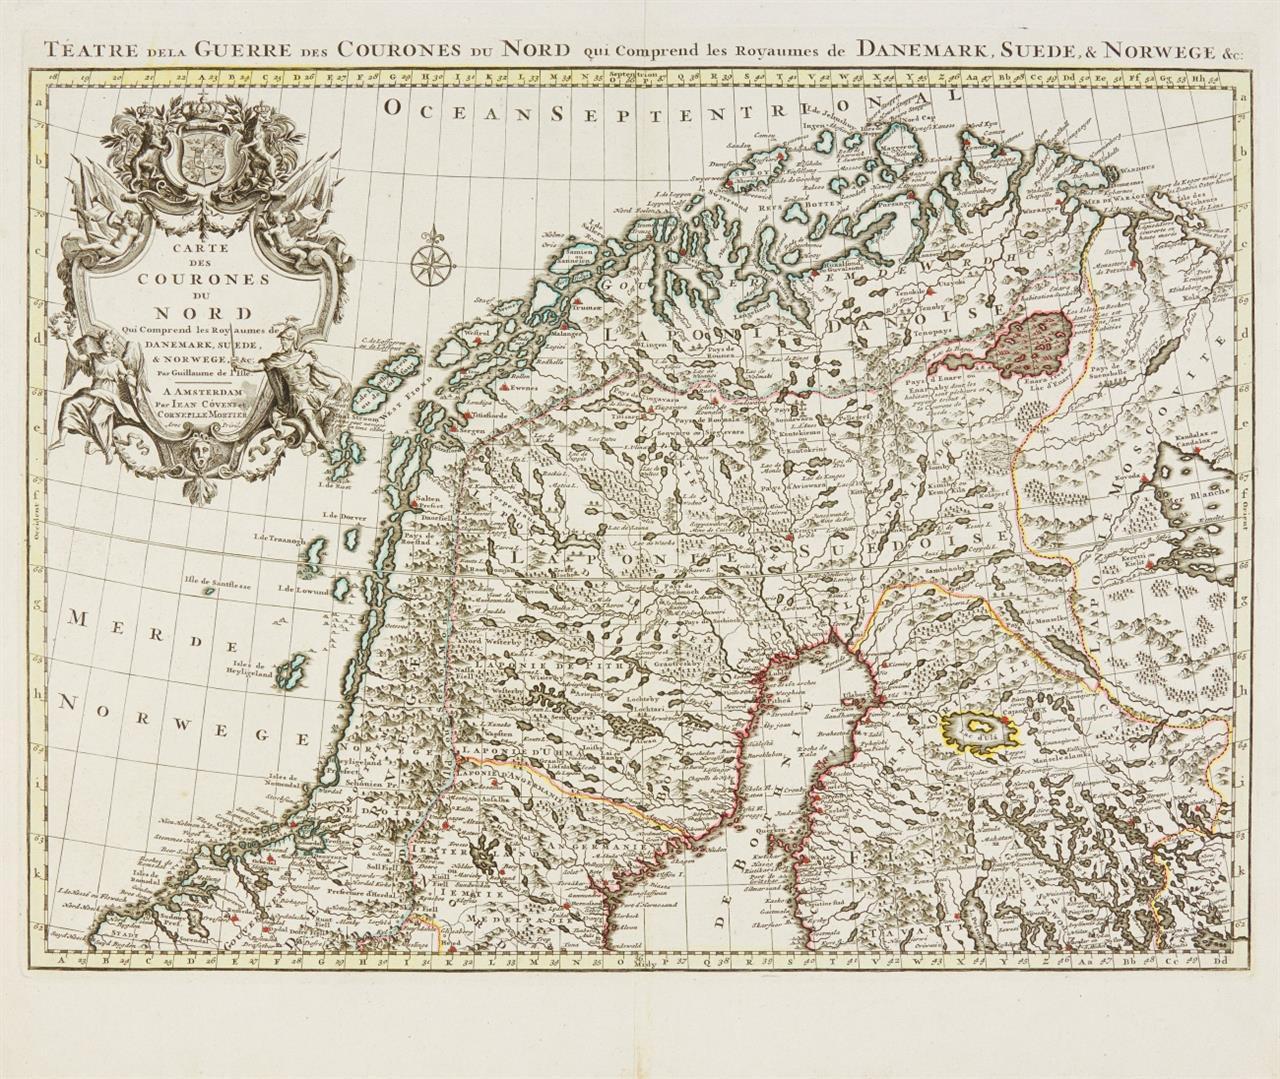 Skandinavien. Cartes des Courons du Nord ... Um 1730. Zweiteilige, grenzkolorierte Kupferstichkarte bei J. Covens & C. Mortier.